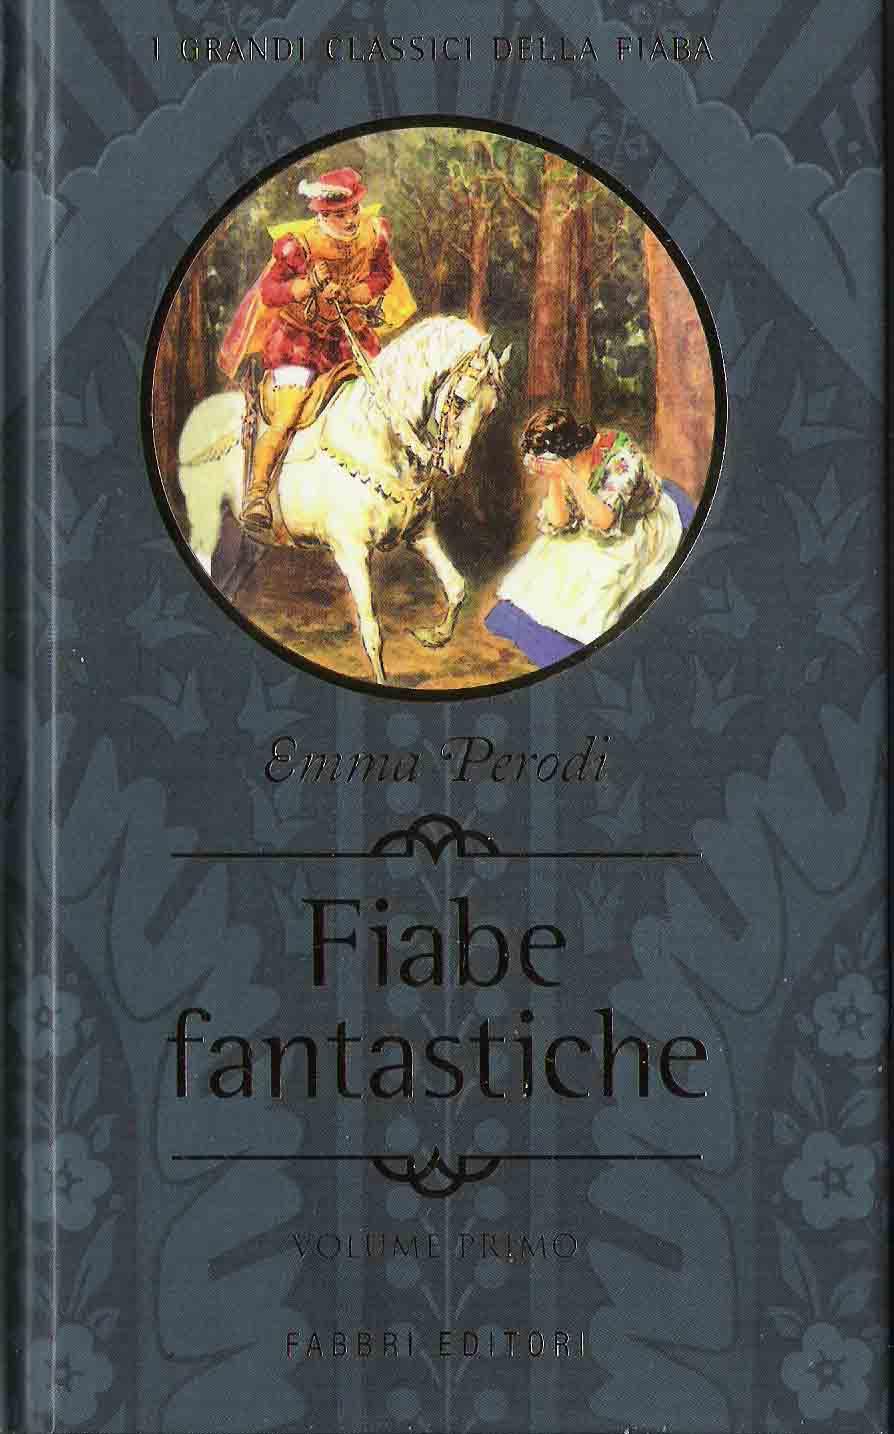 Fiabe fantastiche (vol. 1)